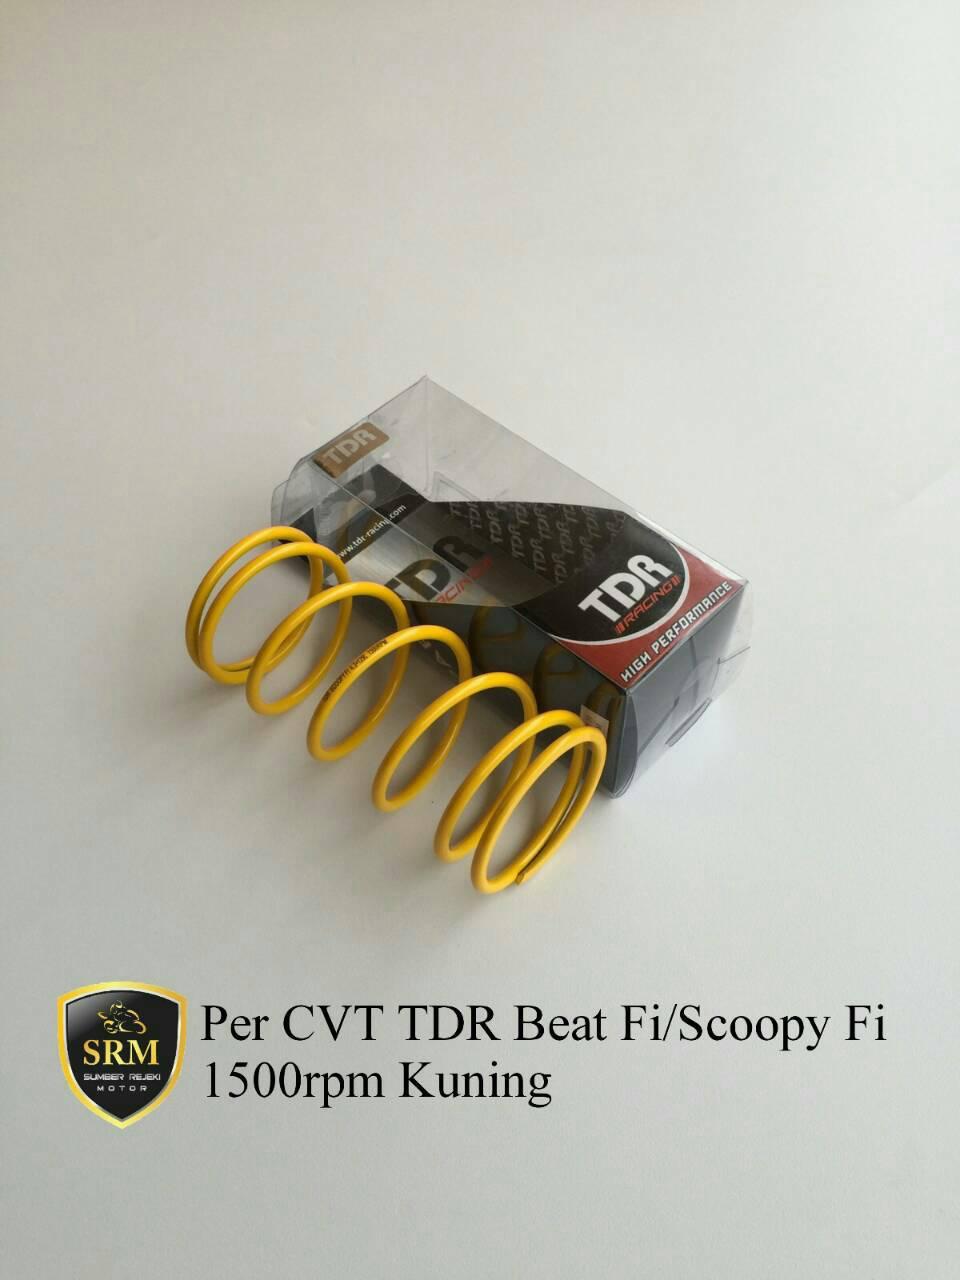 Per CVT TDR Beat Fi/Scoopy Fi 1500rpm Kuning